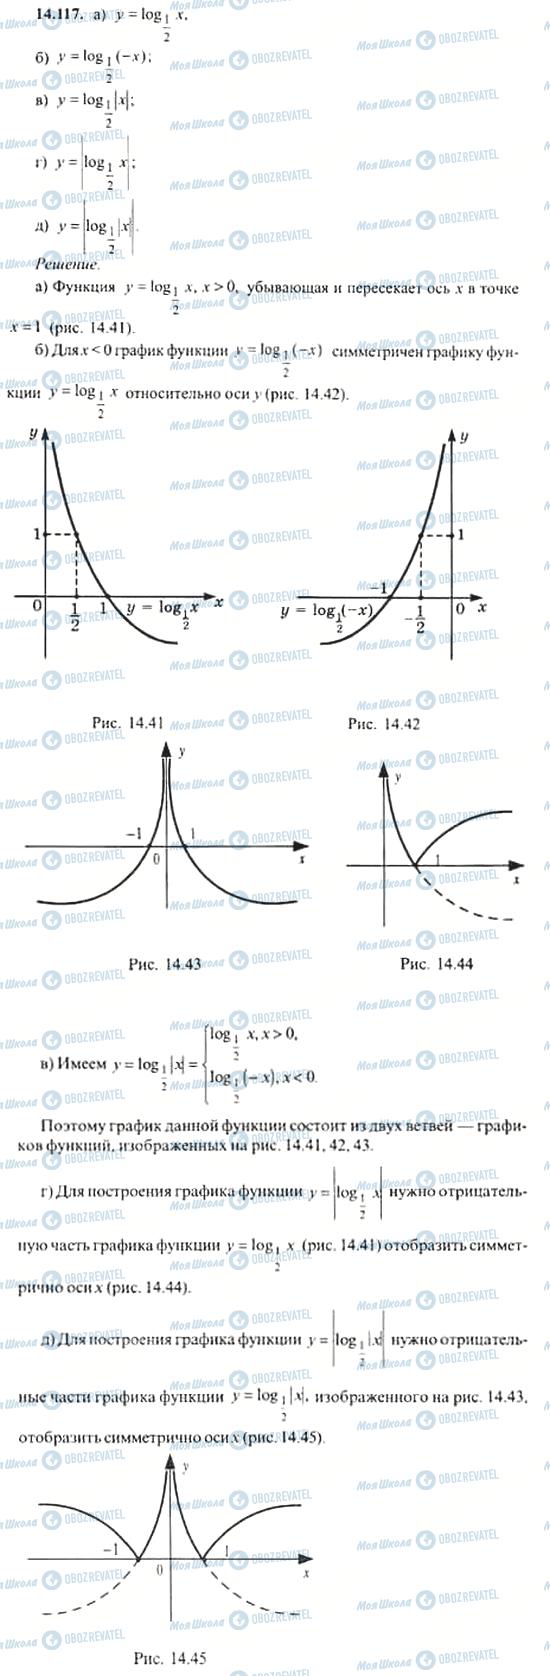 ГДЗ Алгебра 11 класс страница 14.117